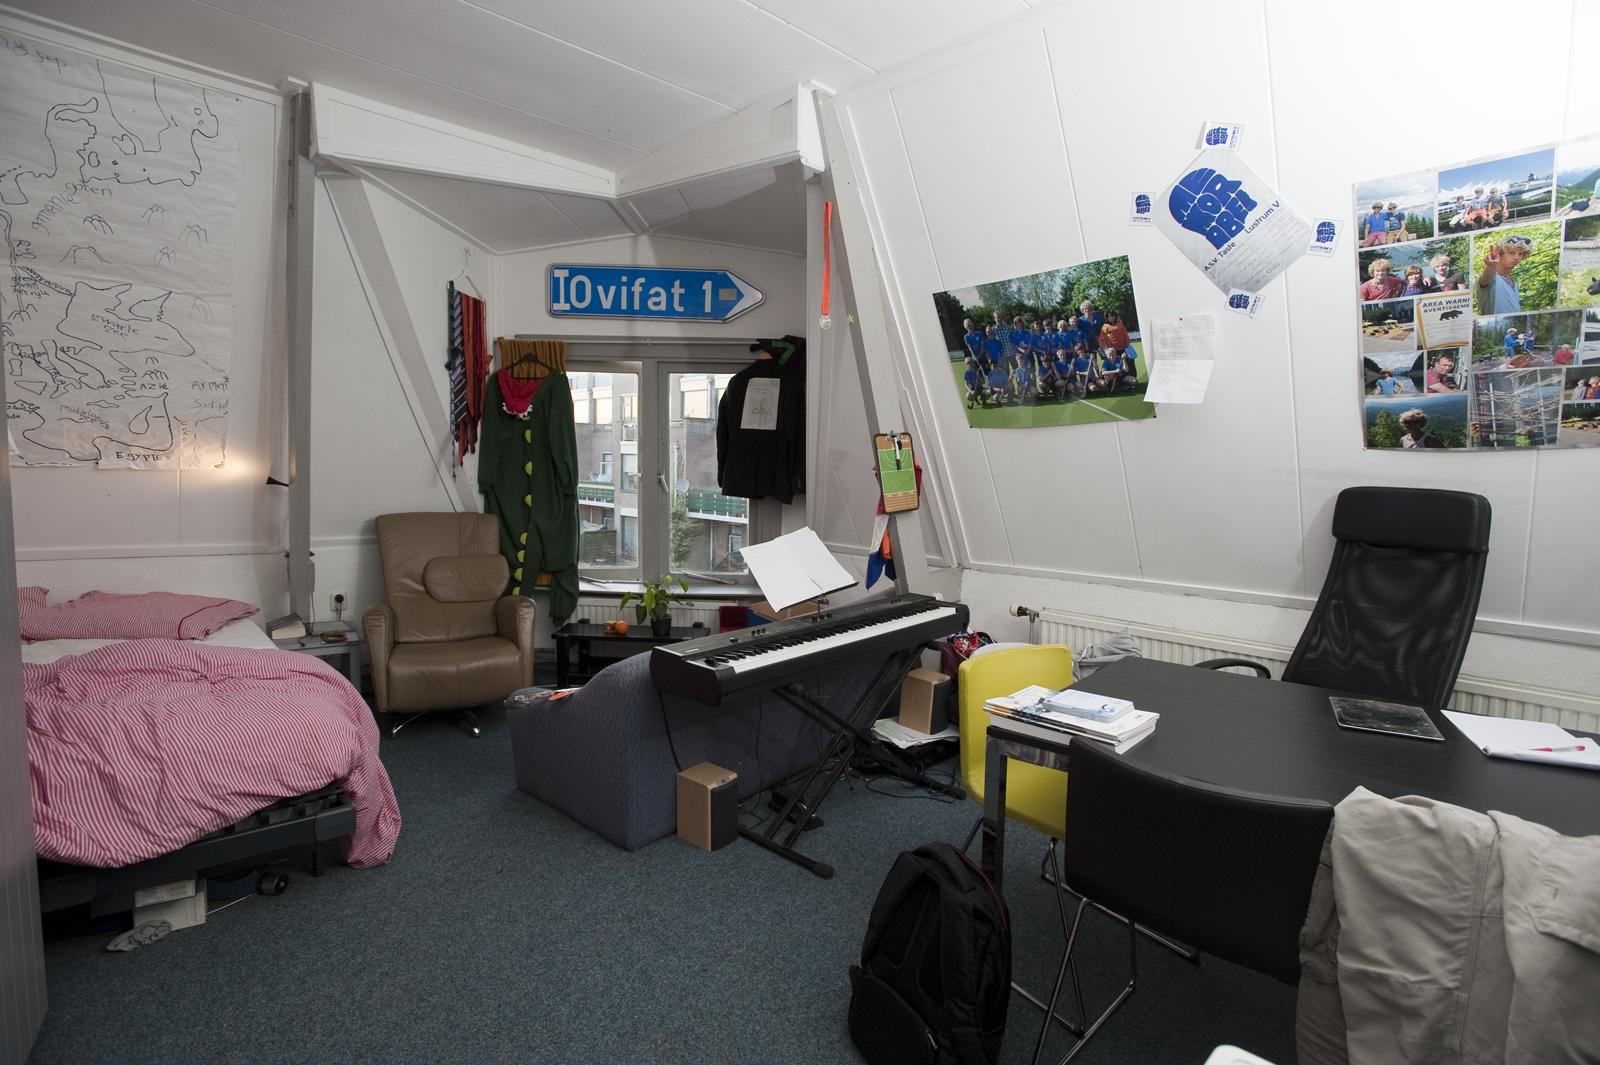 Een groene streep van plafond tot vloer ut nieuws - Personeel inrichting slaapkamer ...